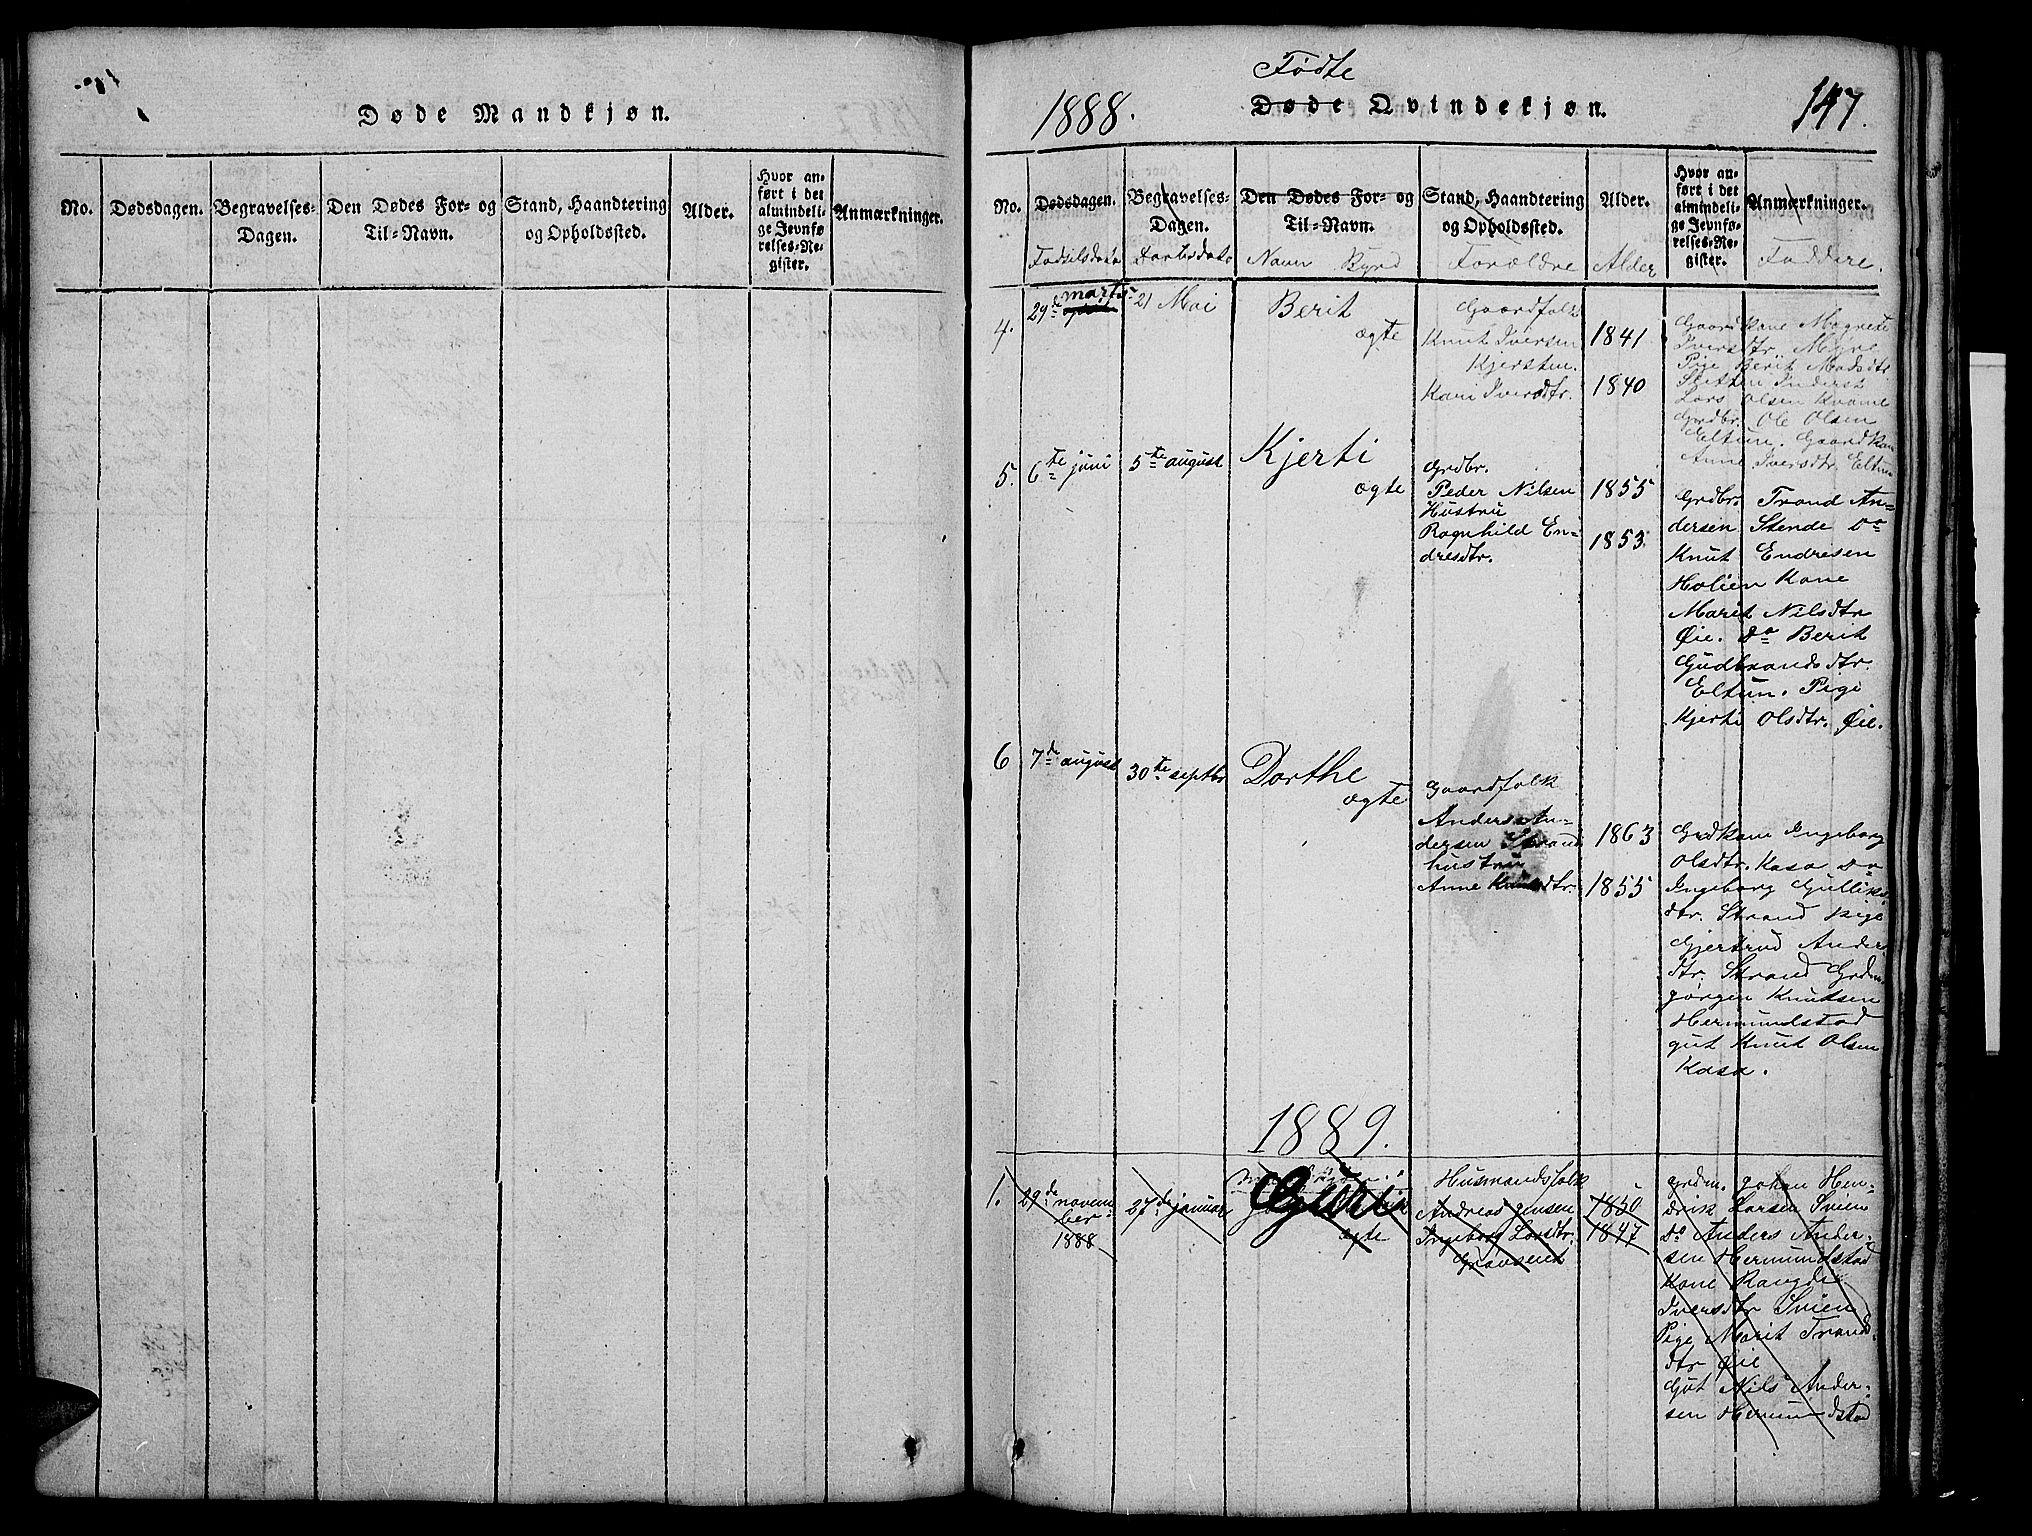 SAH, Vang prestekontor, Valdres, Klokkerbok nr. 2, 1814-1889, s. 147